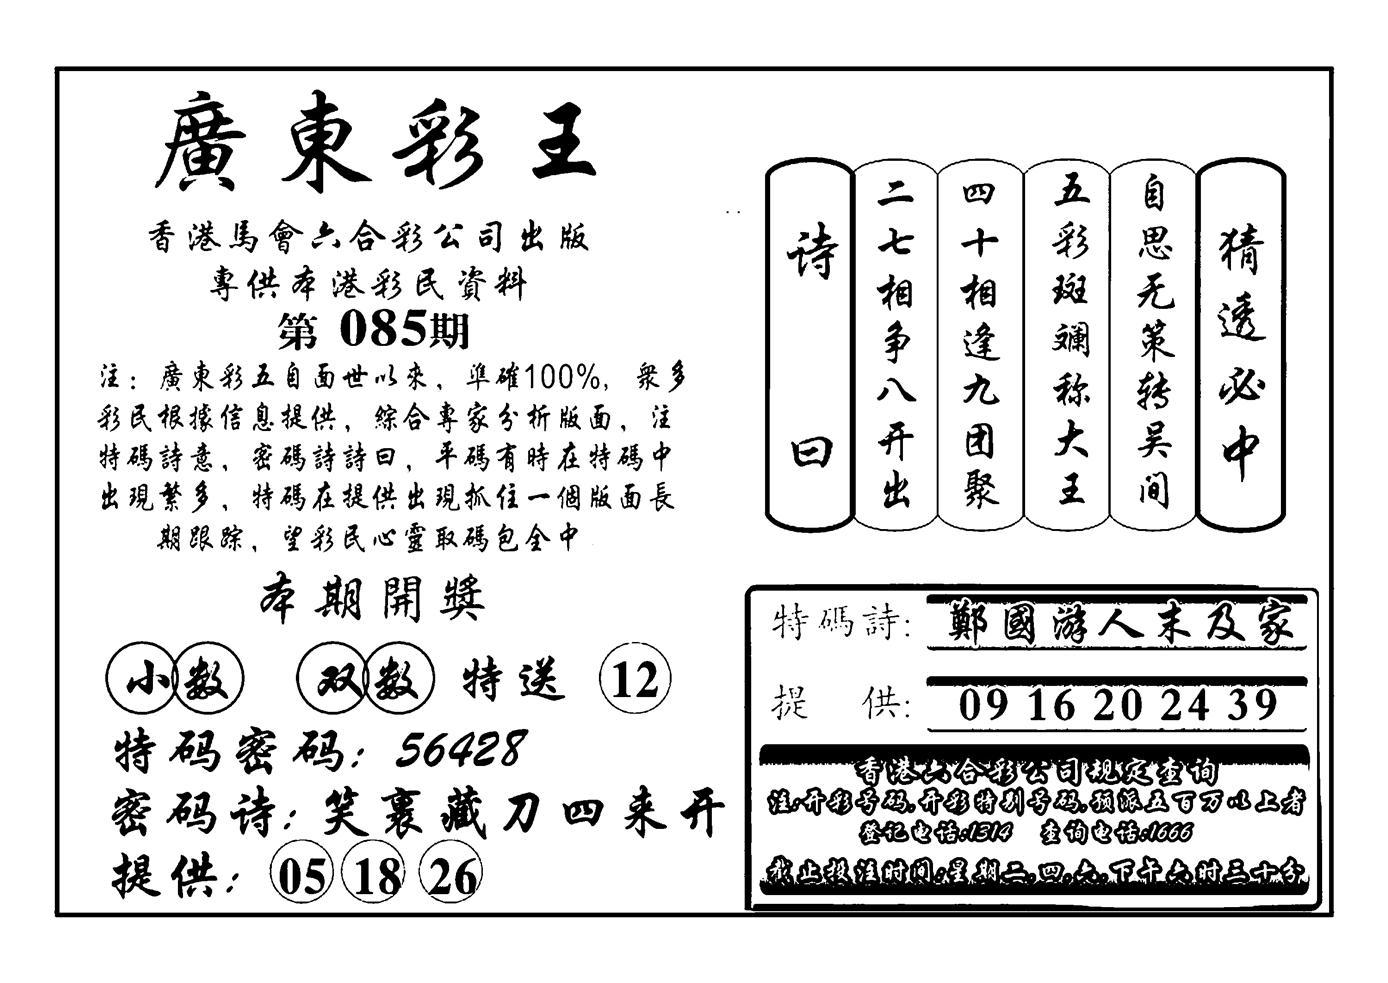 085期广东彩王(黑白)